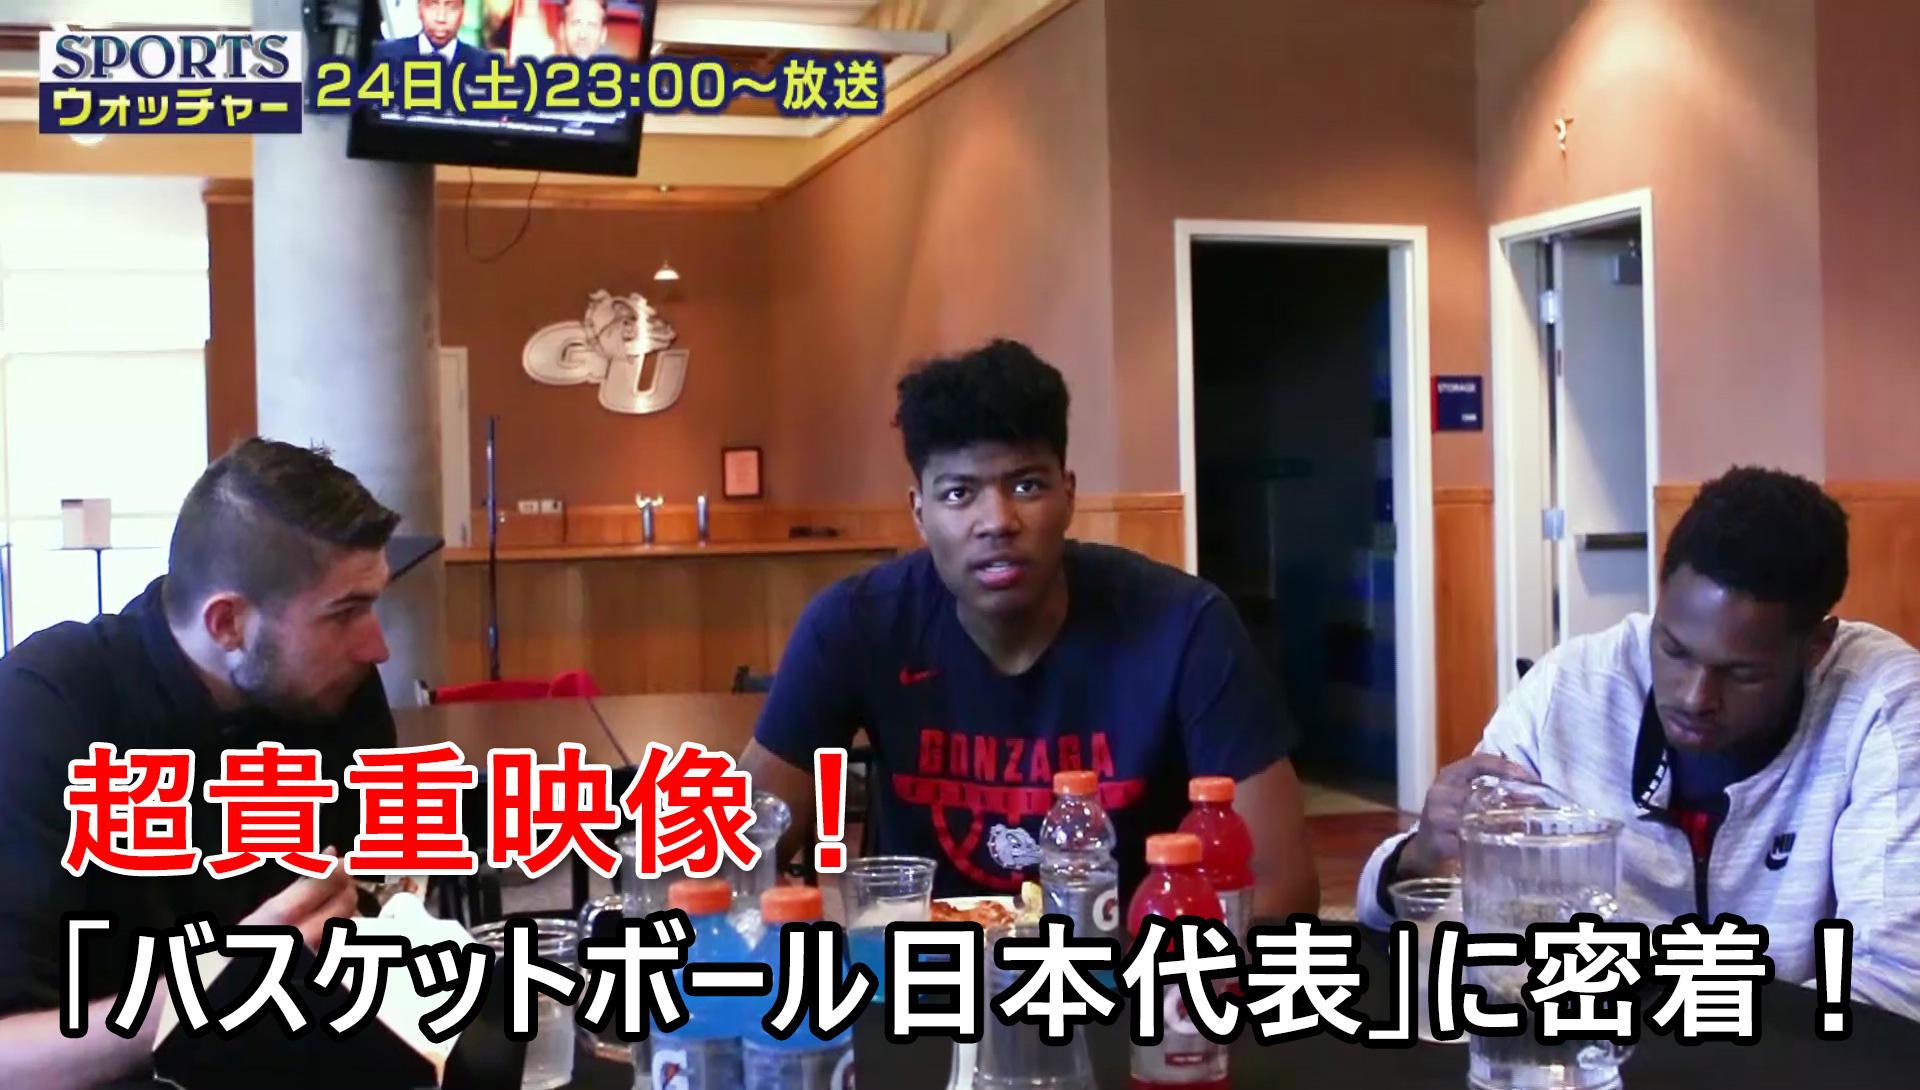 超貴重映像!「バスケットボール日本代表」に密着!/Humanウォッチャー